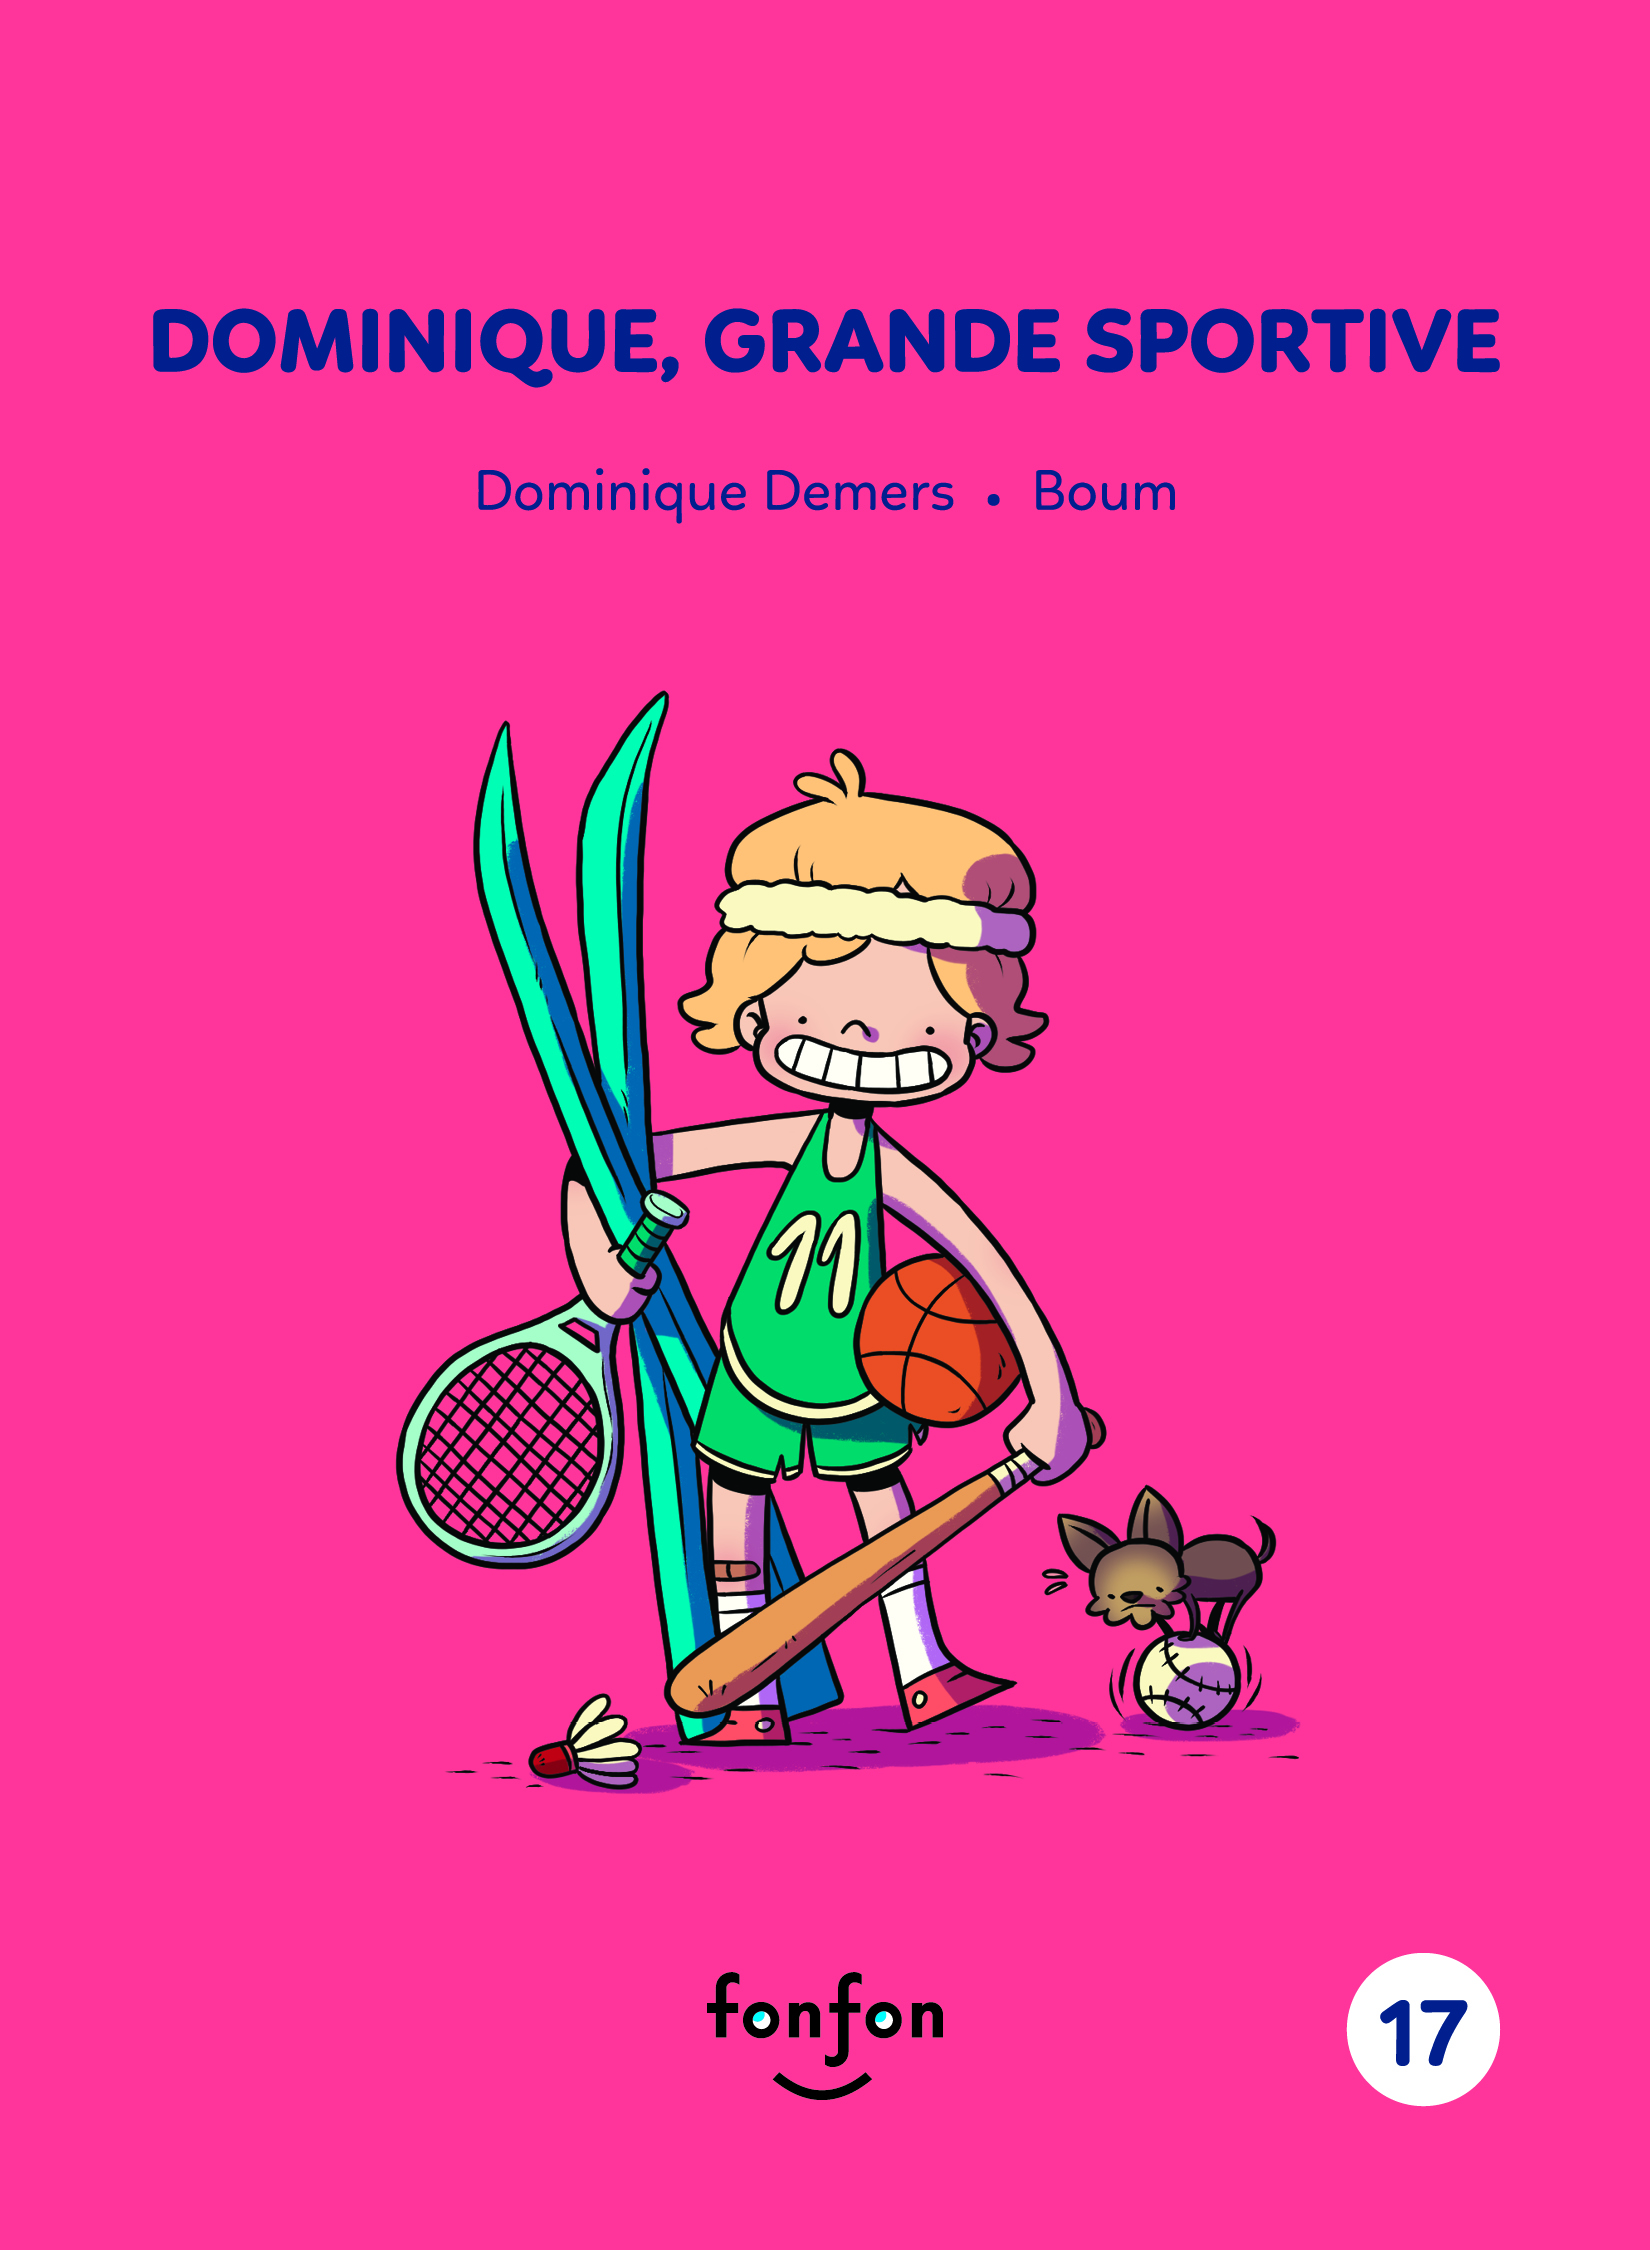 Dominique, grande sportive